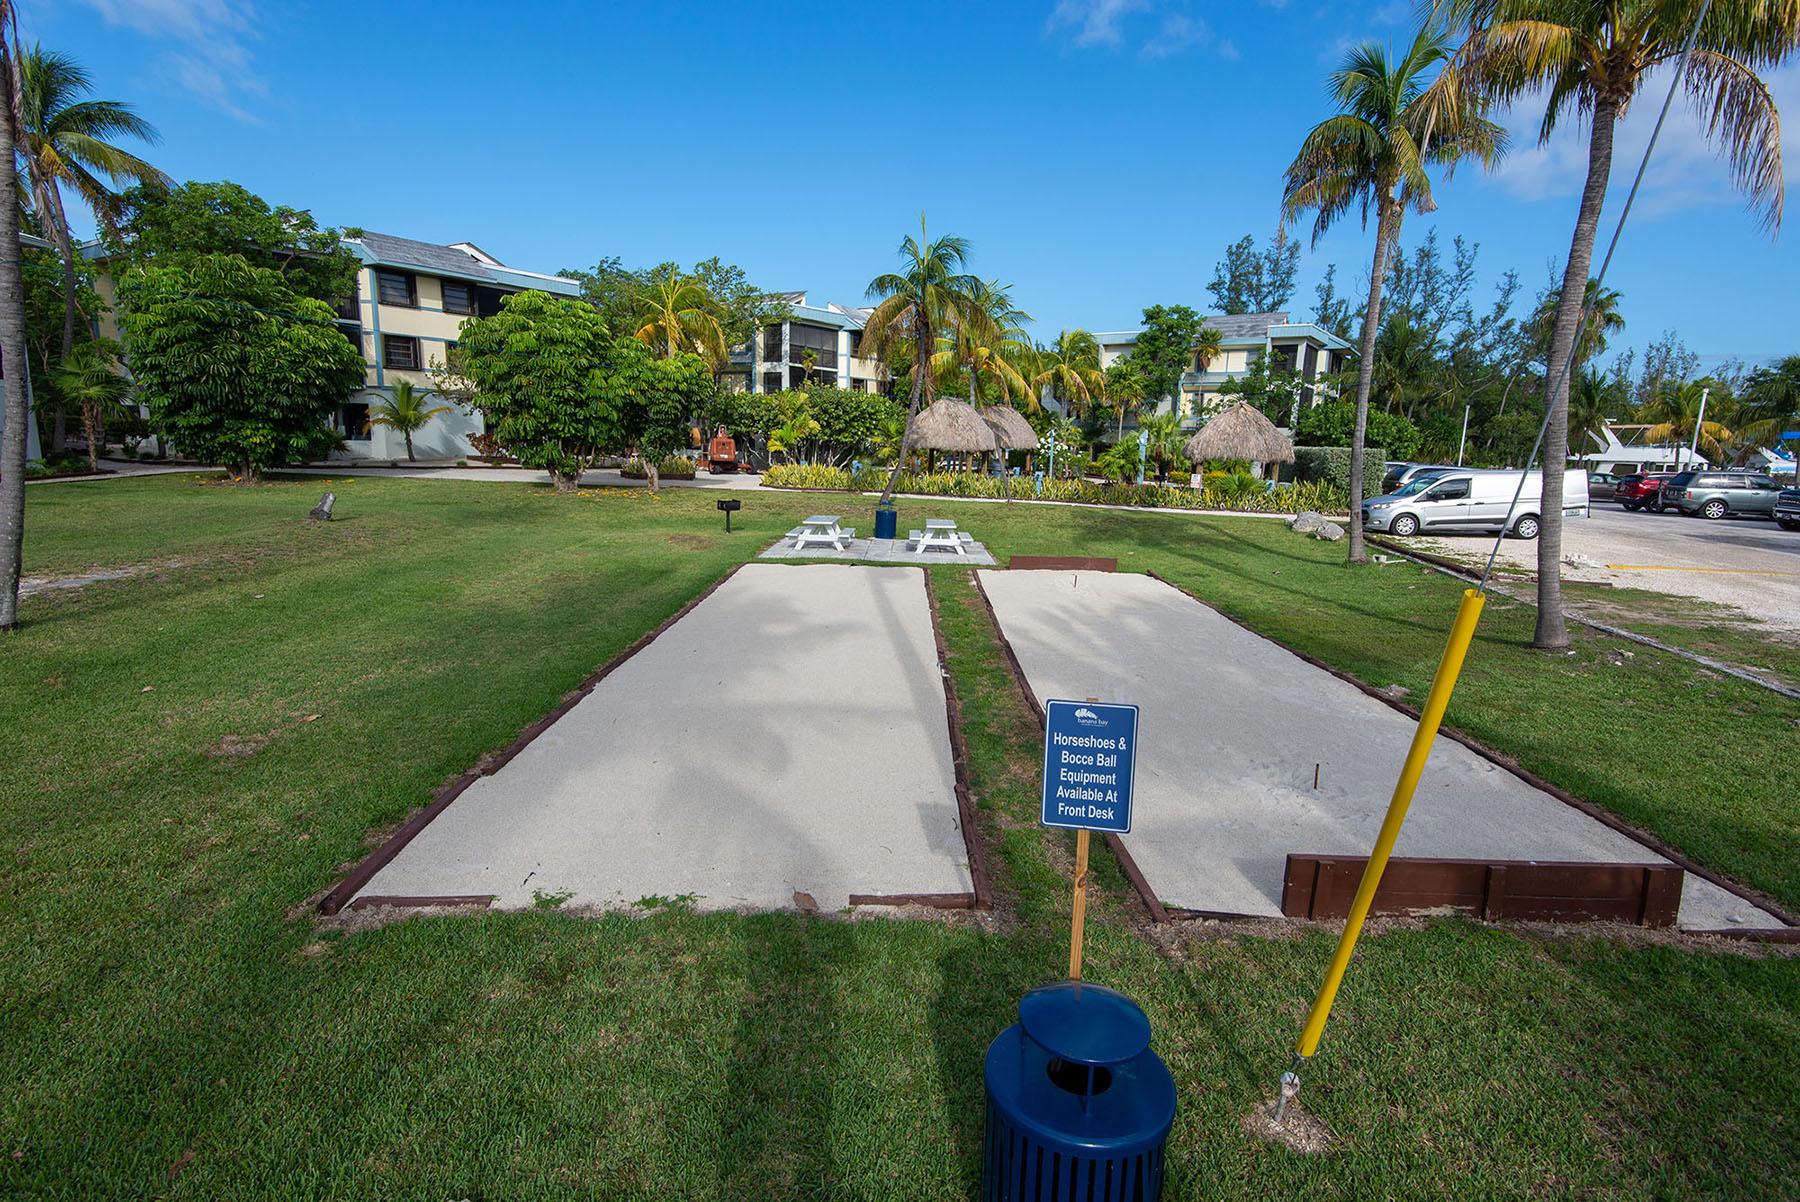 Marathon Key Beach Club shuffle board